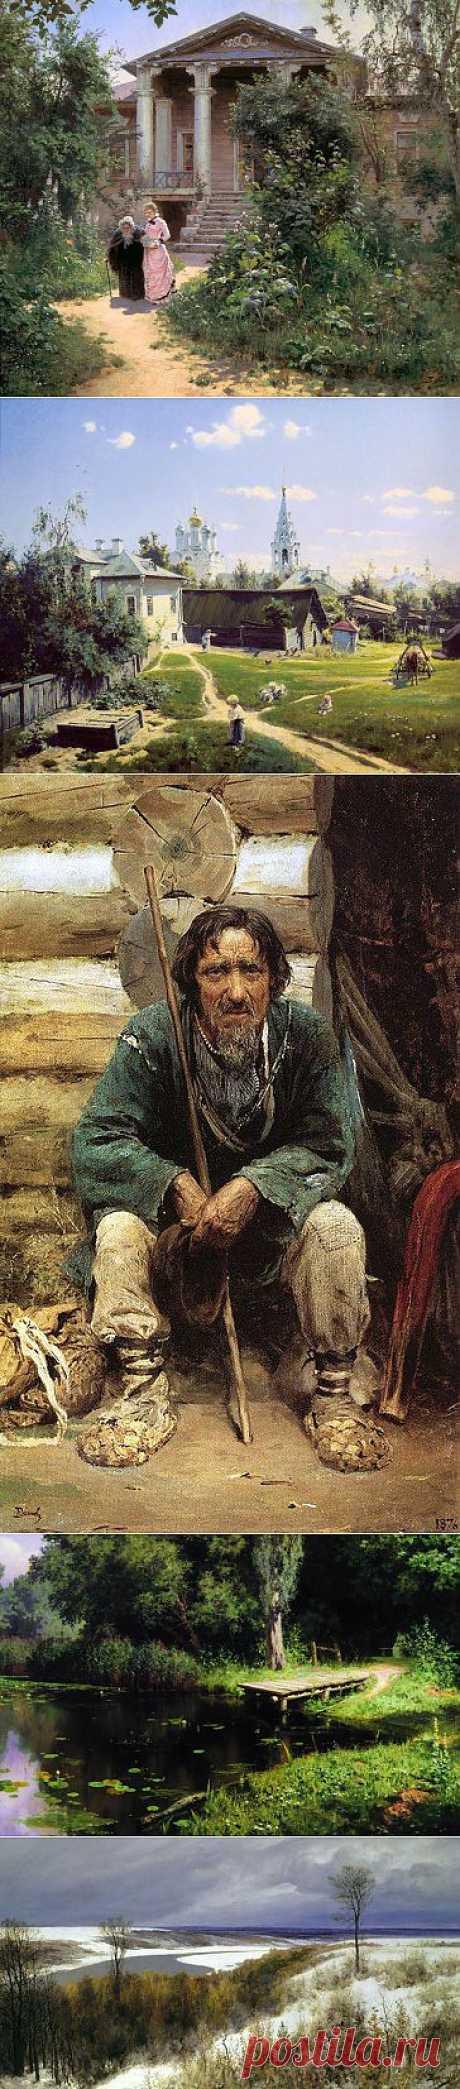 Прекрасный русский живописец Василий Поленов (1844-1927).